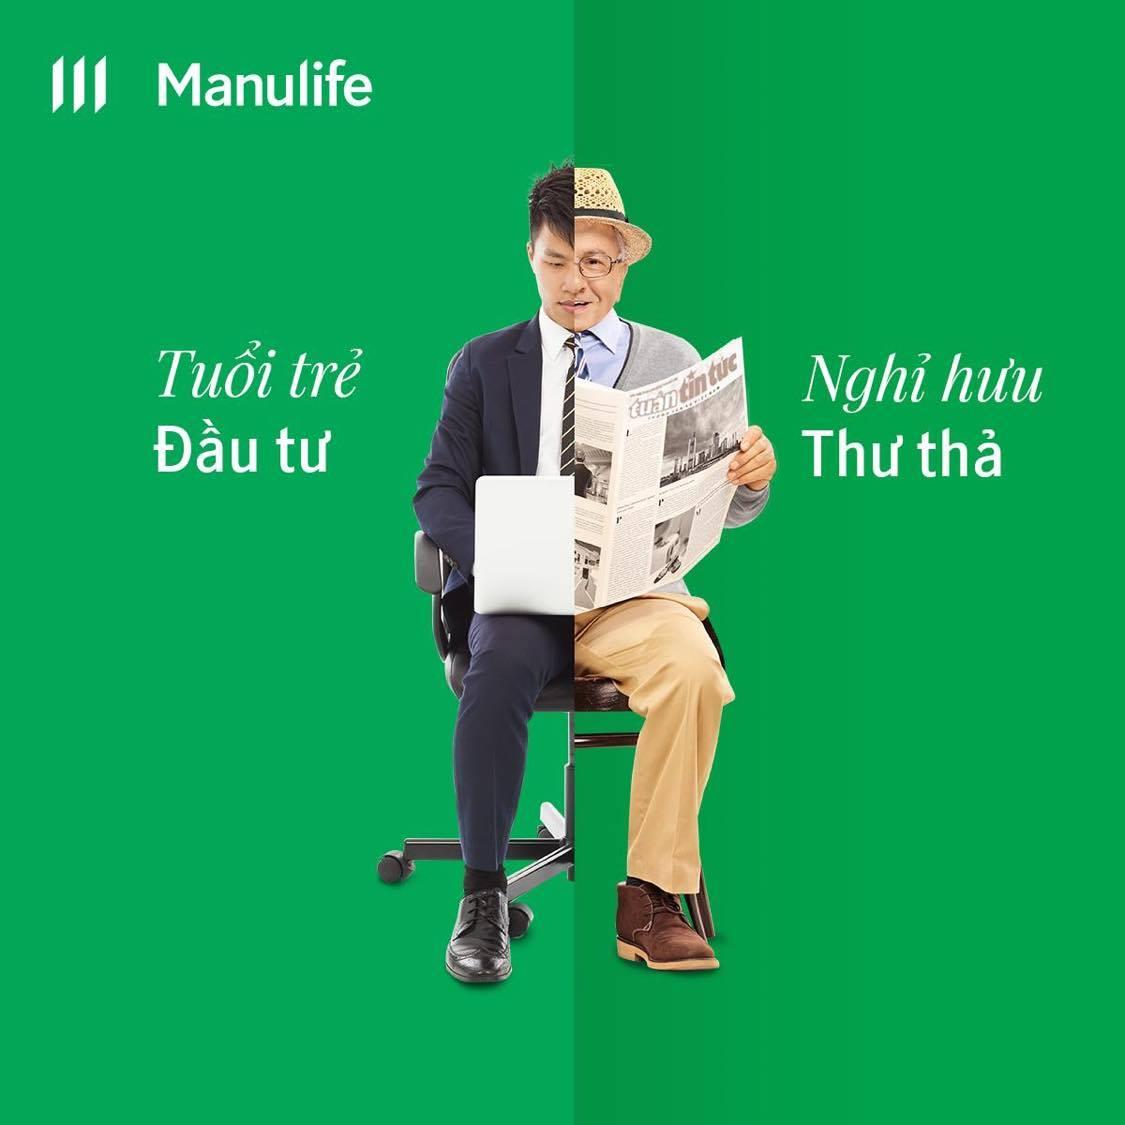 Gói bảo hiểm Manulife bảo vệ người trụ cột toàn diện